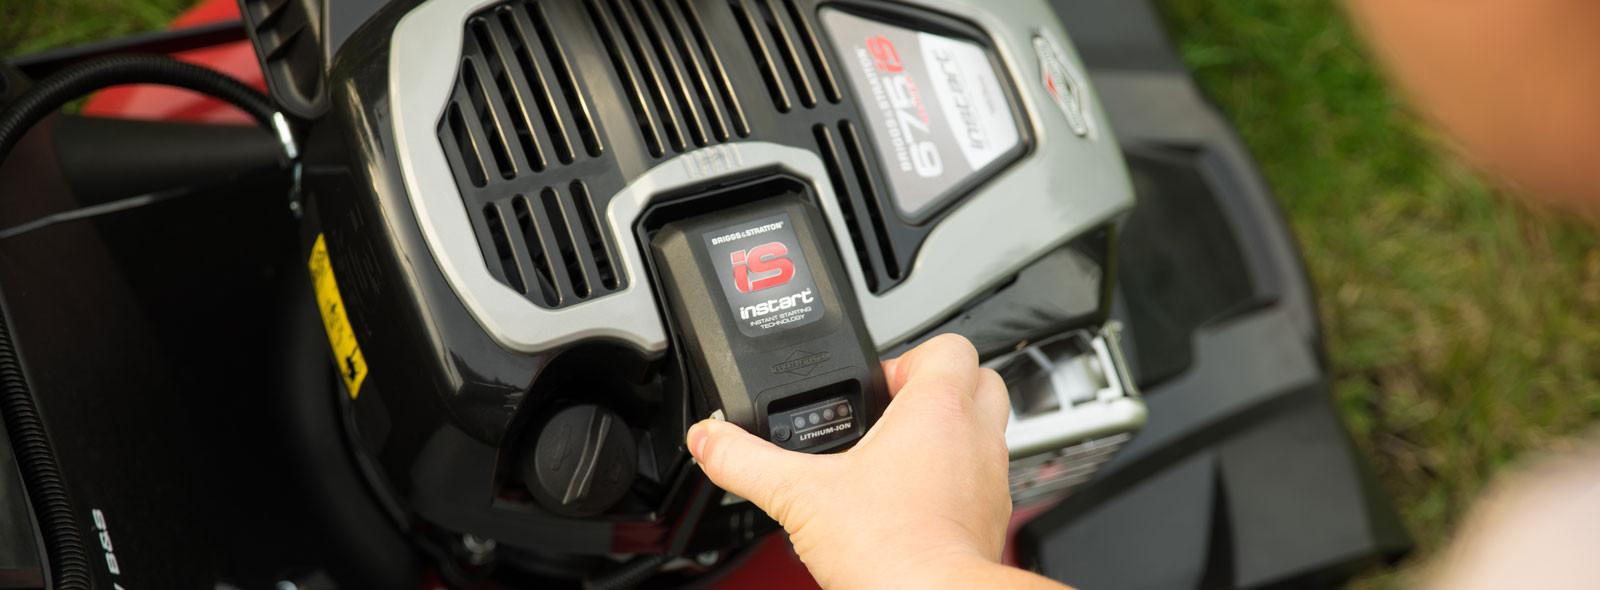 Briggs-and-stratton-nouveauté-batterie-moteur-instart